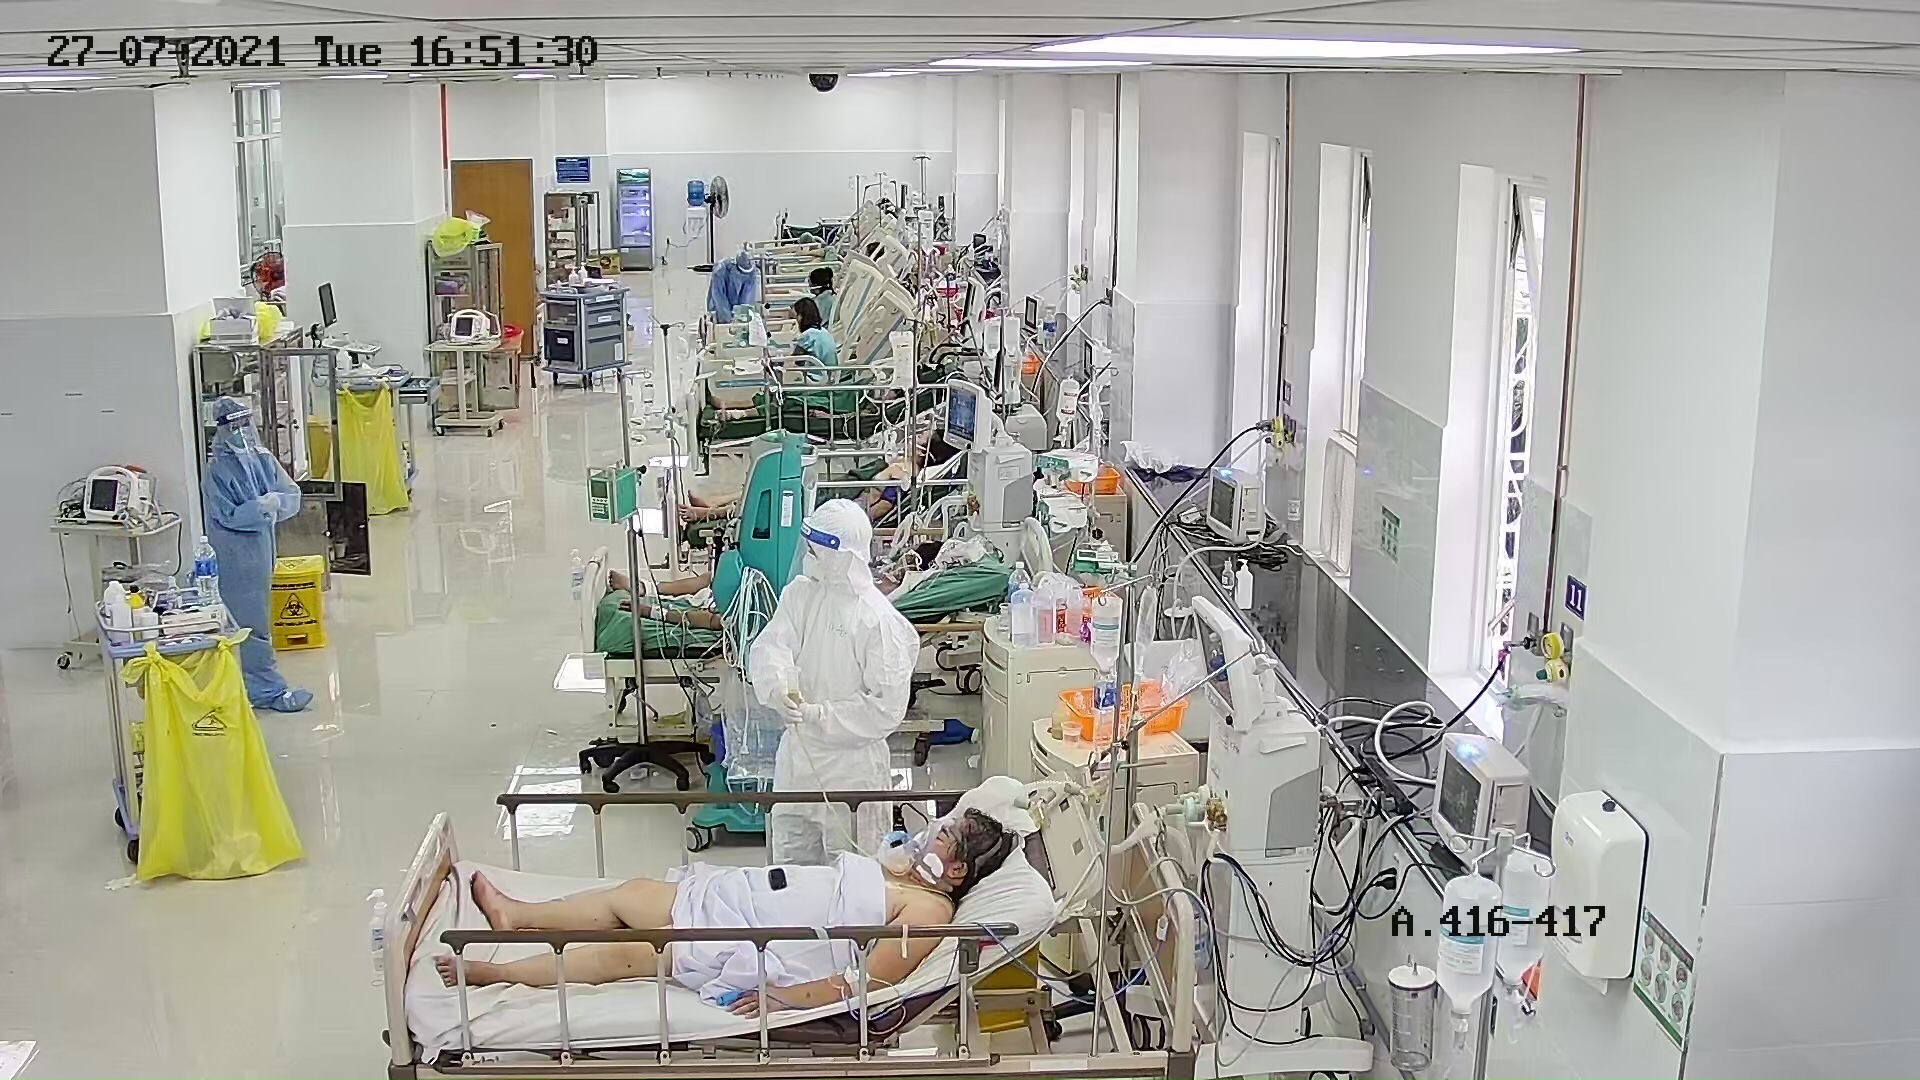 Khu điều trị bệnh nhân COVID-19 nặng tại BVĐK Thống Nhất Đồng Nai